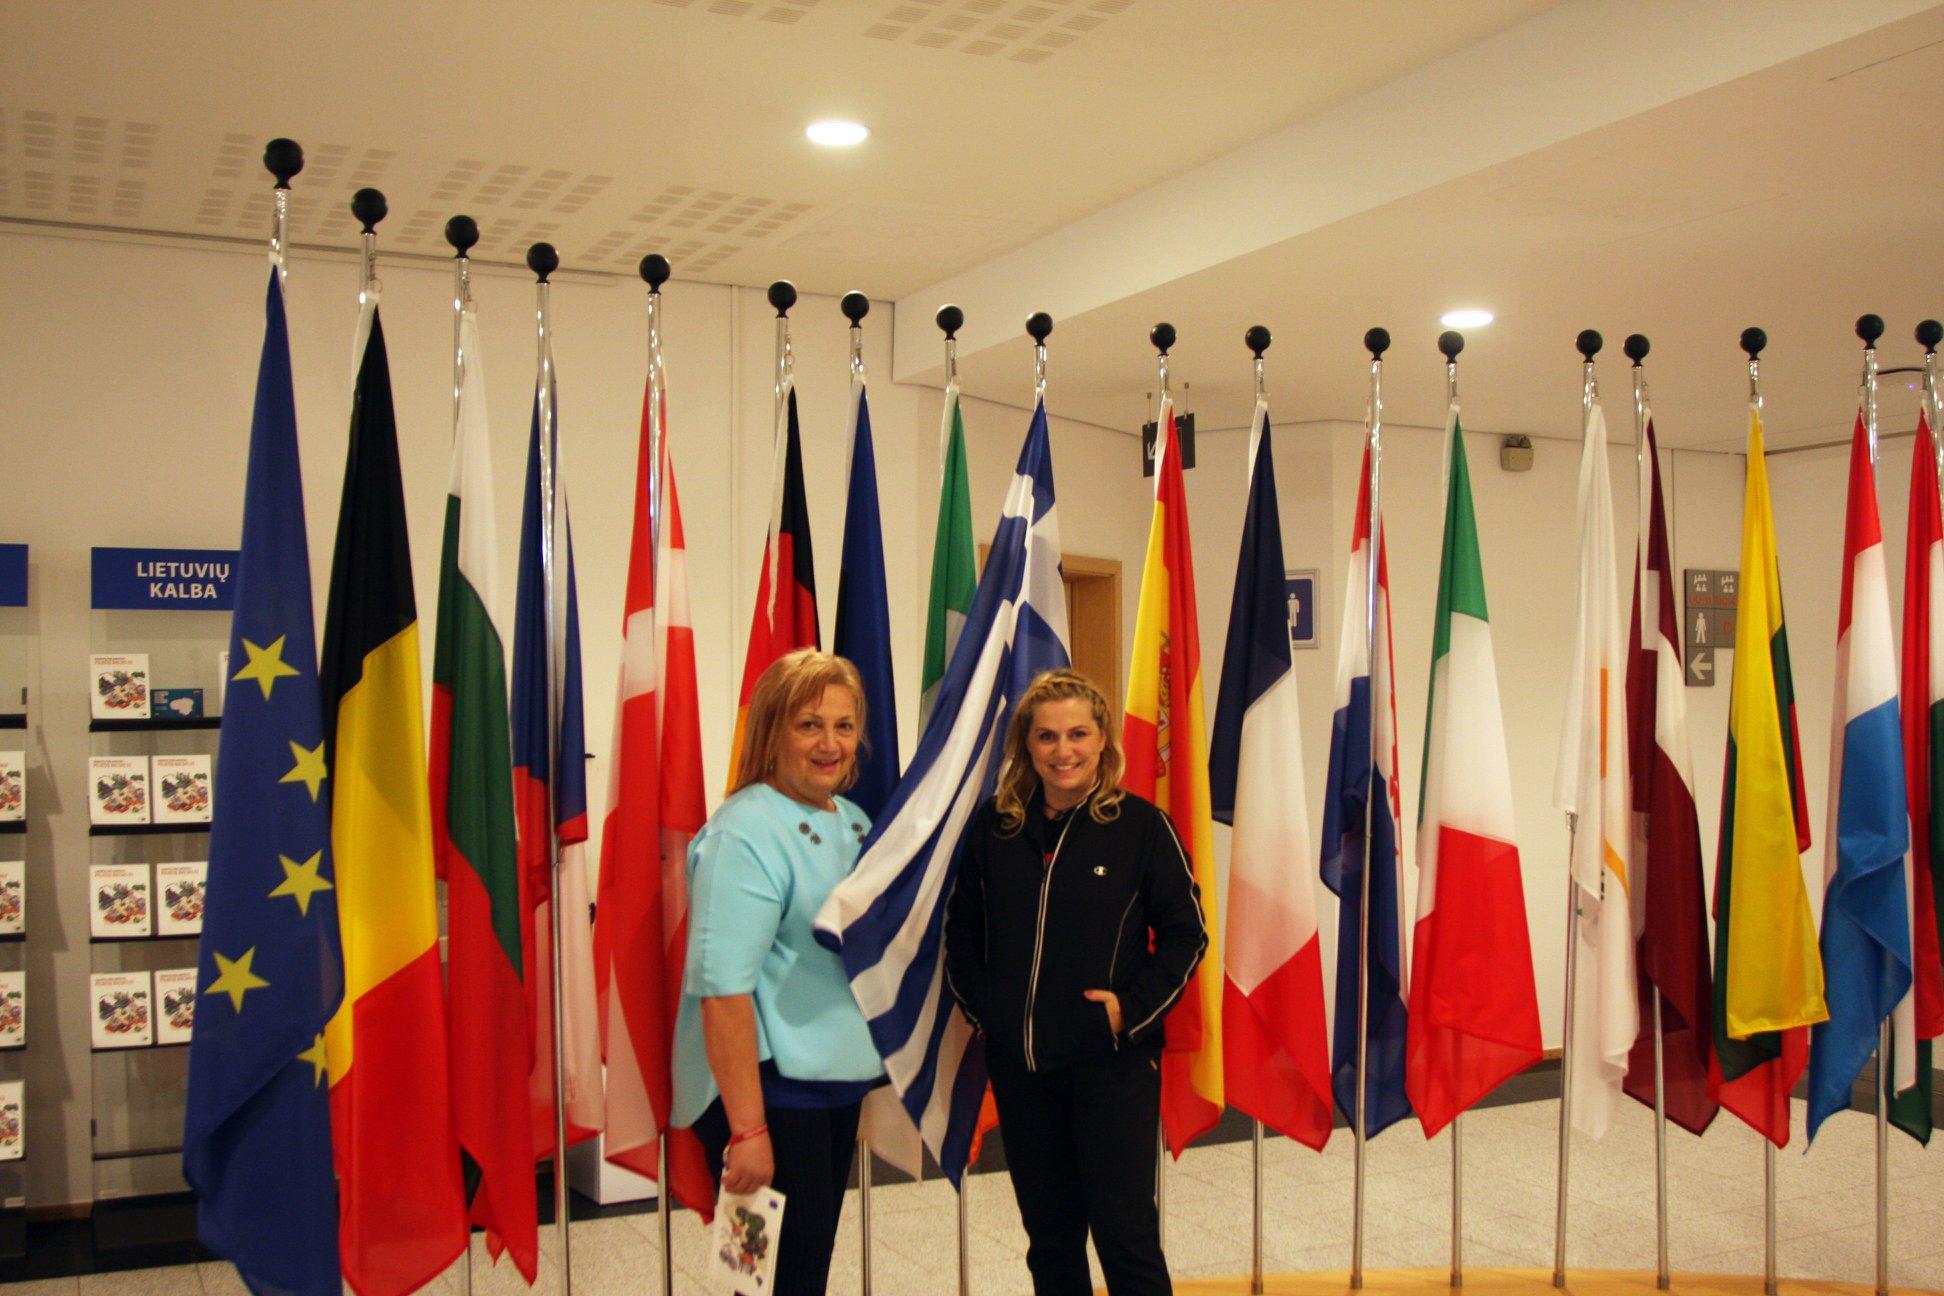 Ευγενία Φραγκούλη και Αθηνά Κρικέλη στην ημερίδα για την Πολιτιστική Προσβασιμότητα ατόμων με αναπηρία.